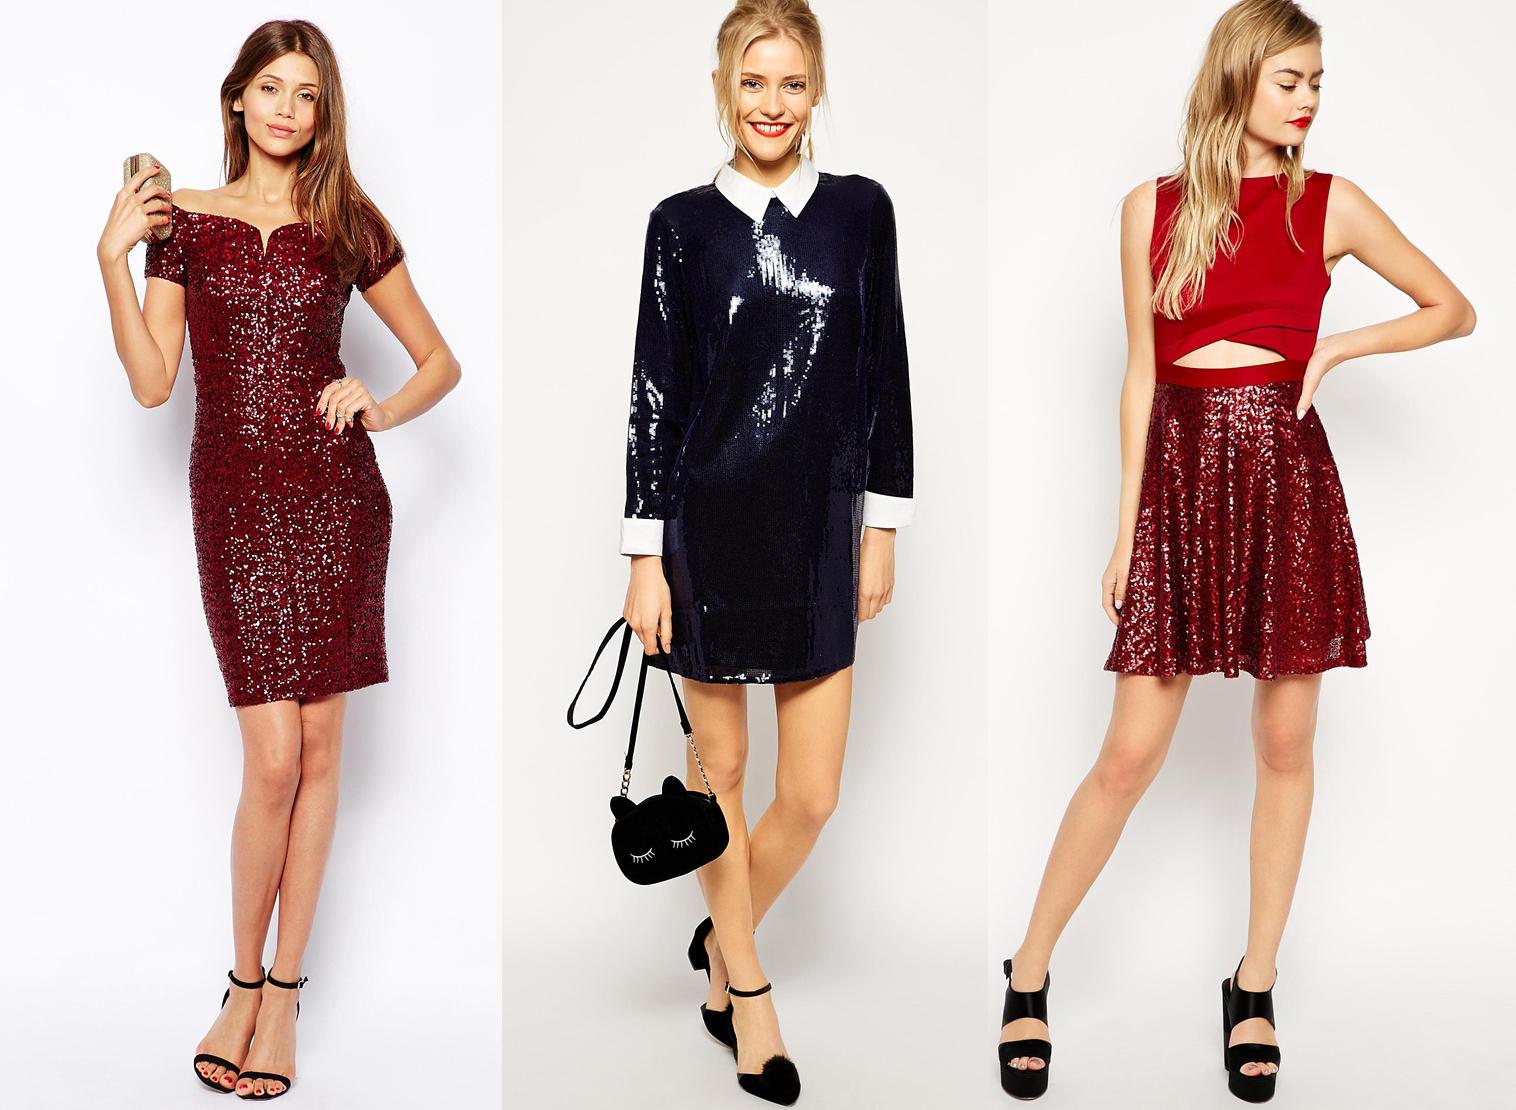 Где купить платье с пайетками - фото №1